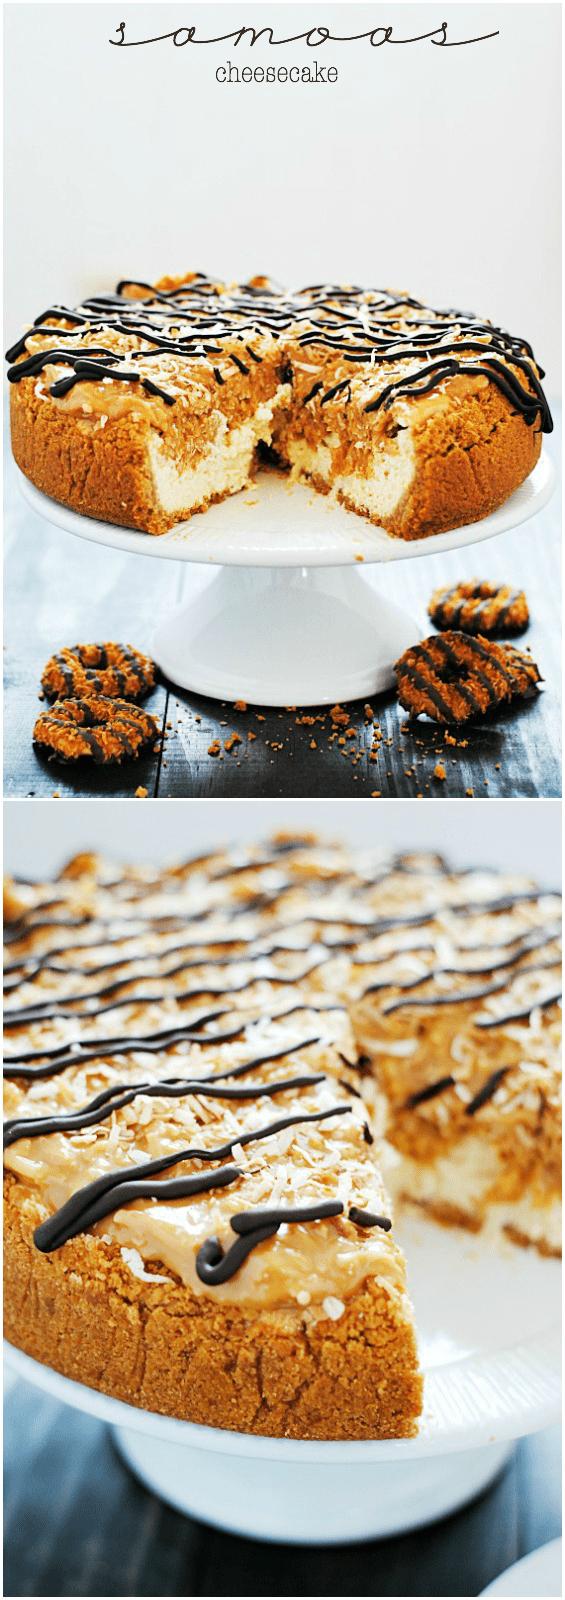 Samoas Cheesecake